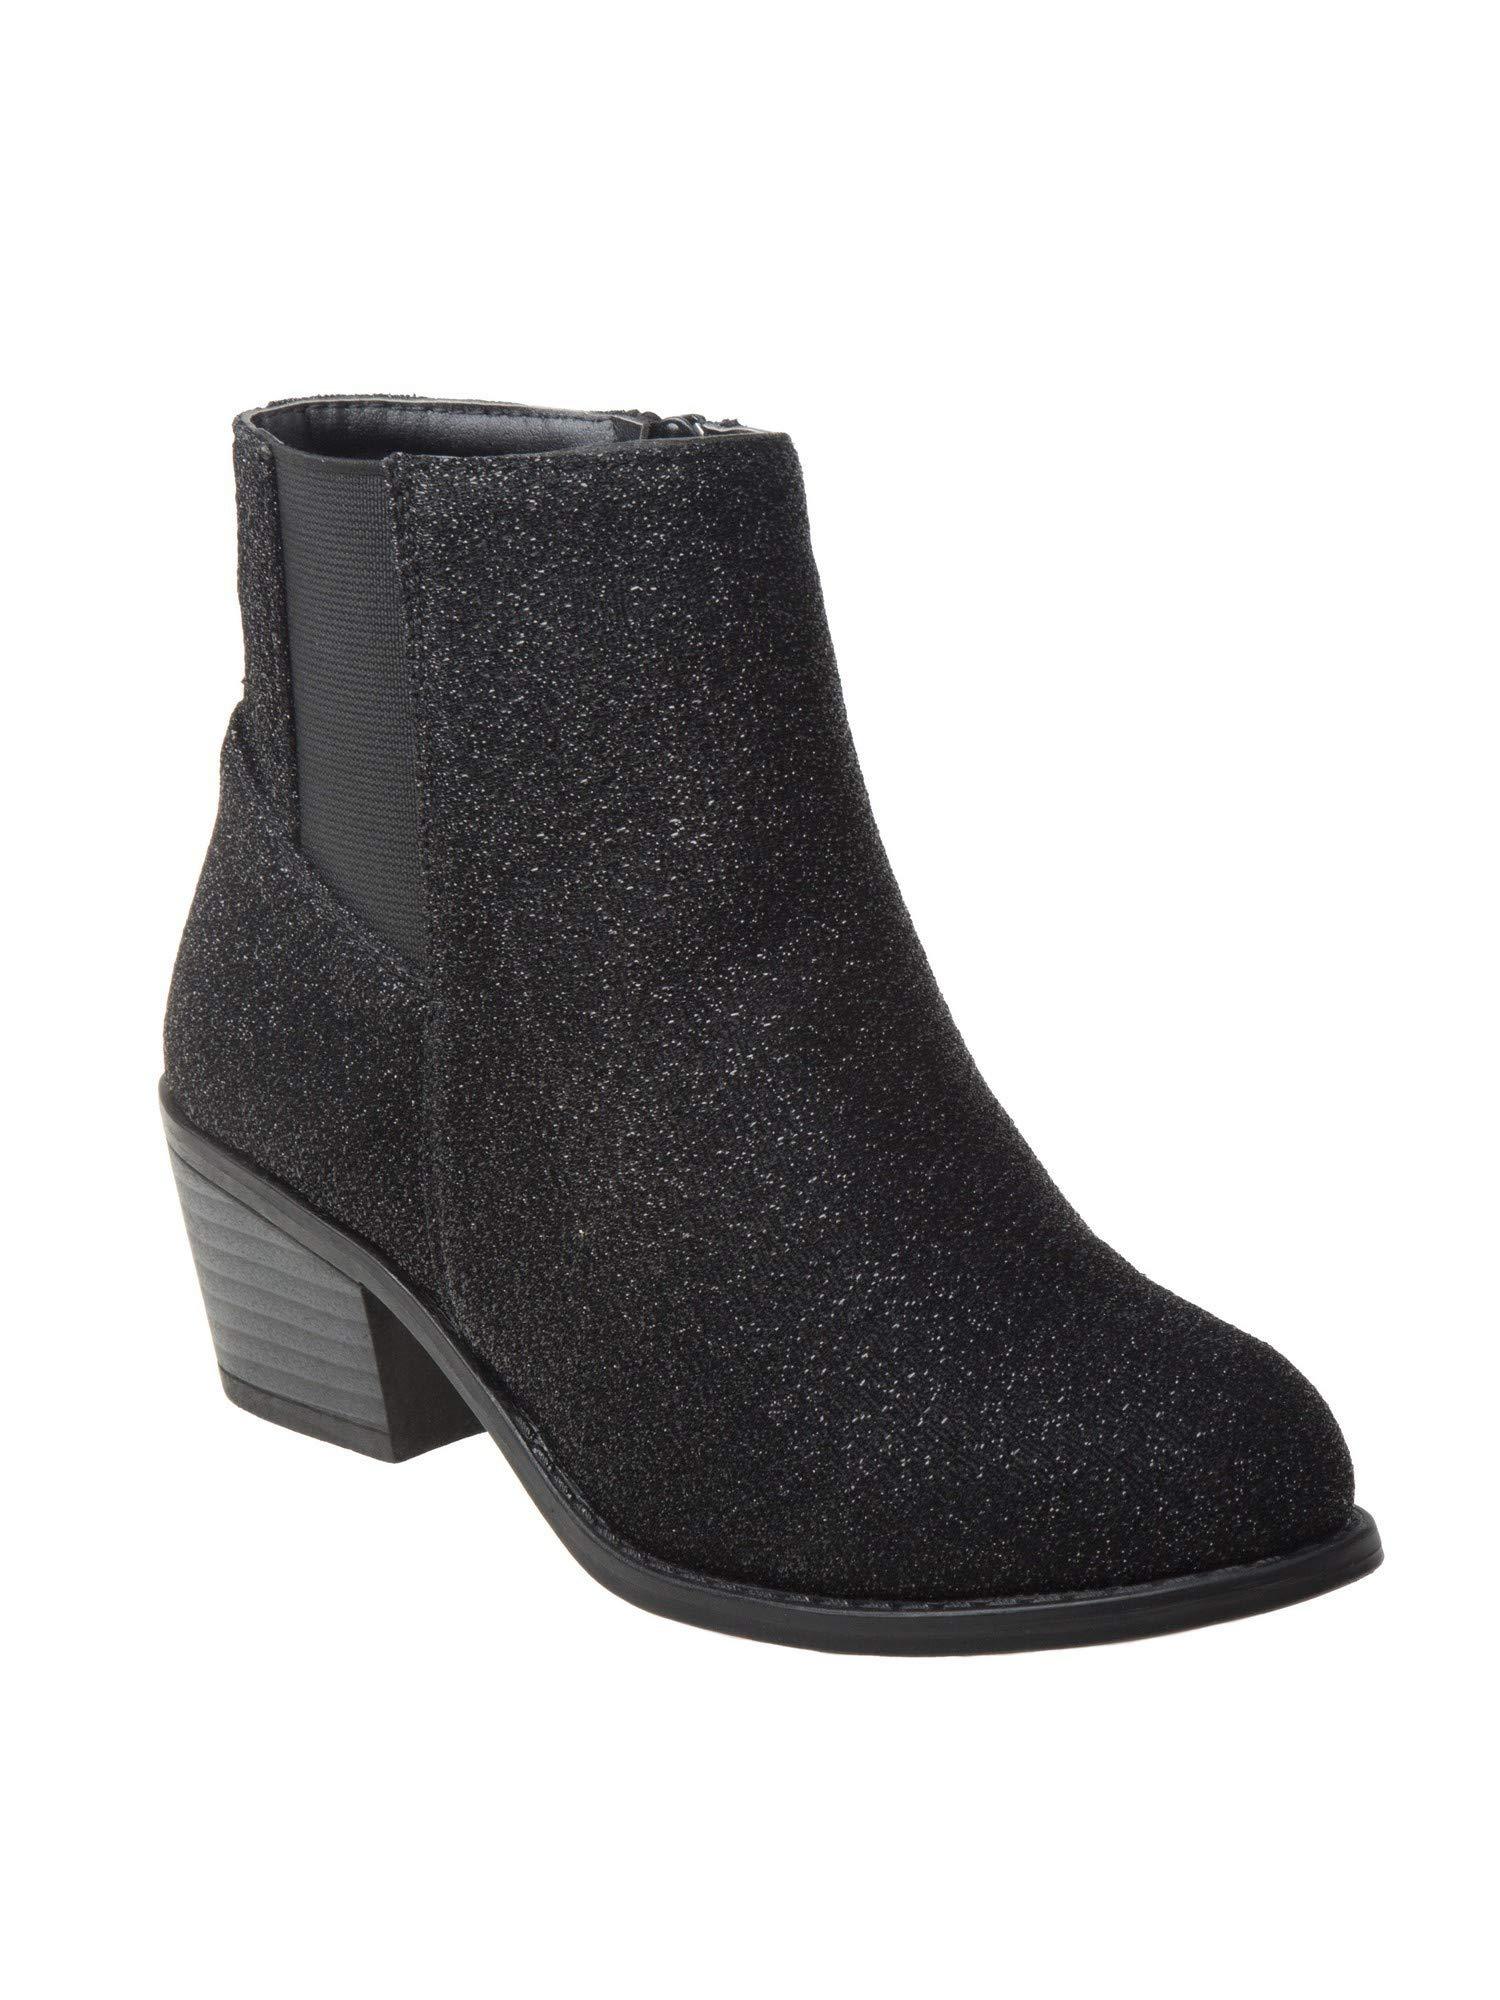 Nanette Lepore Girls Black Shimmery Texture Side Zip Chelsea Boots 1 Kids